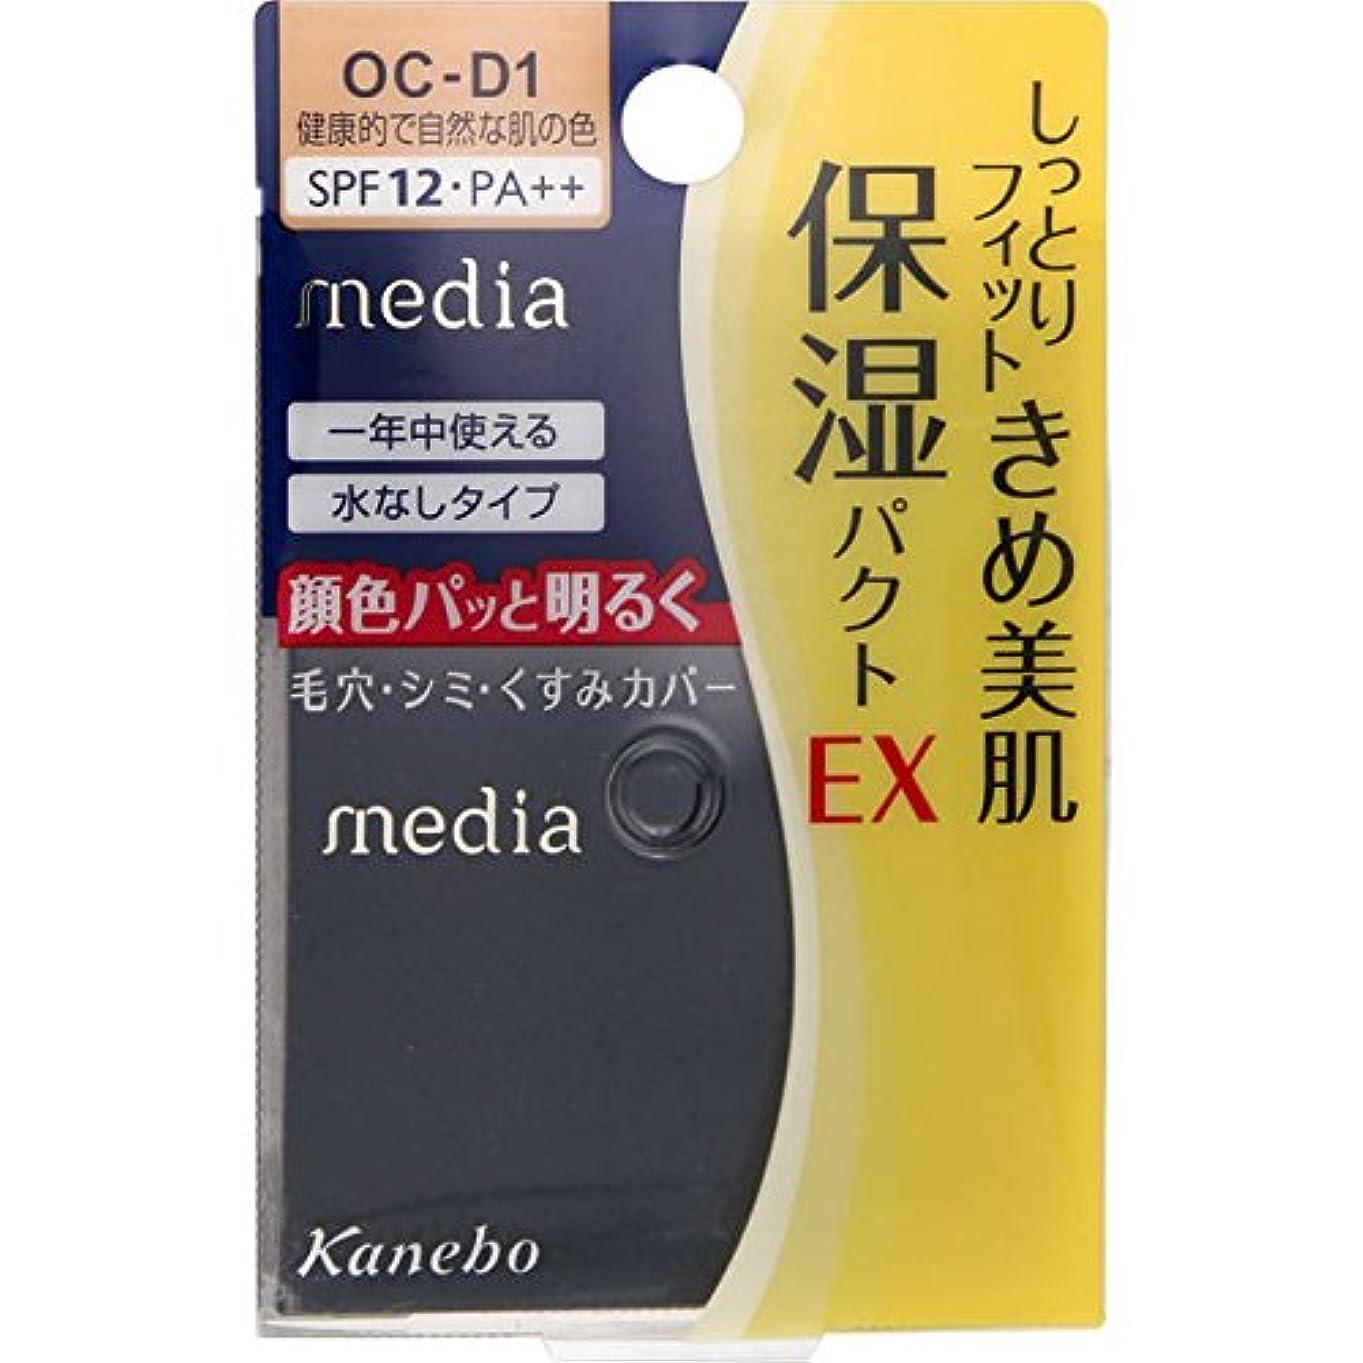 マトリックスくしゃくしゃうんざりカネボウ メディア モイストフィットパクトEX OC-D1(11g)